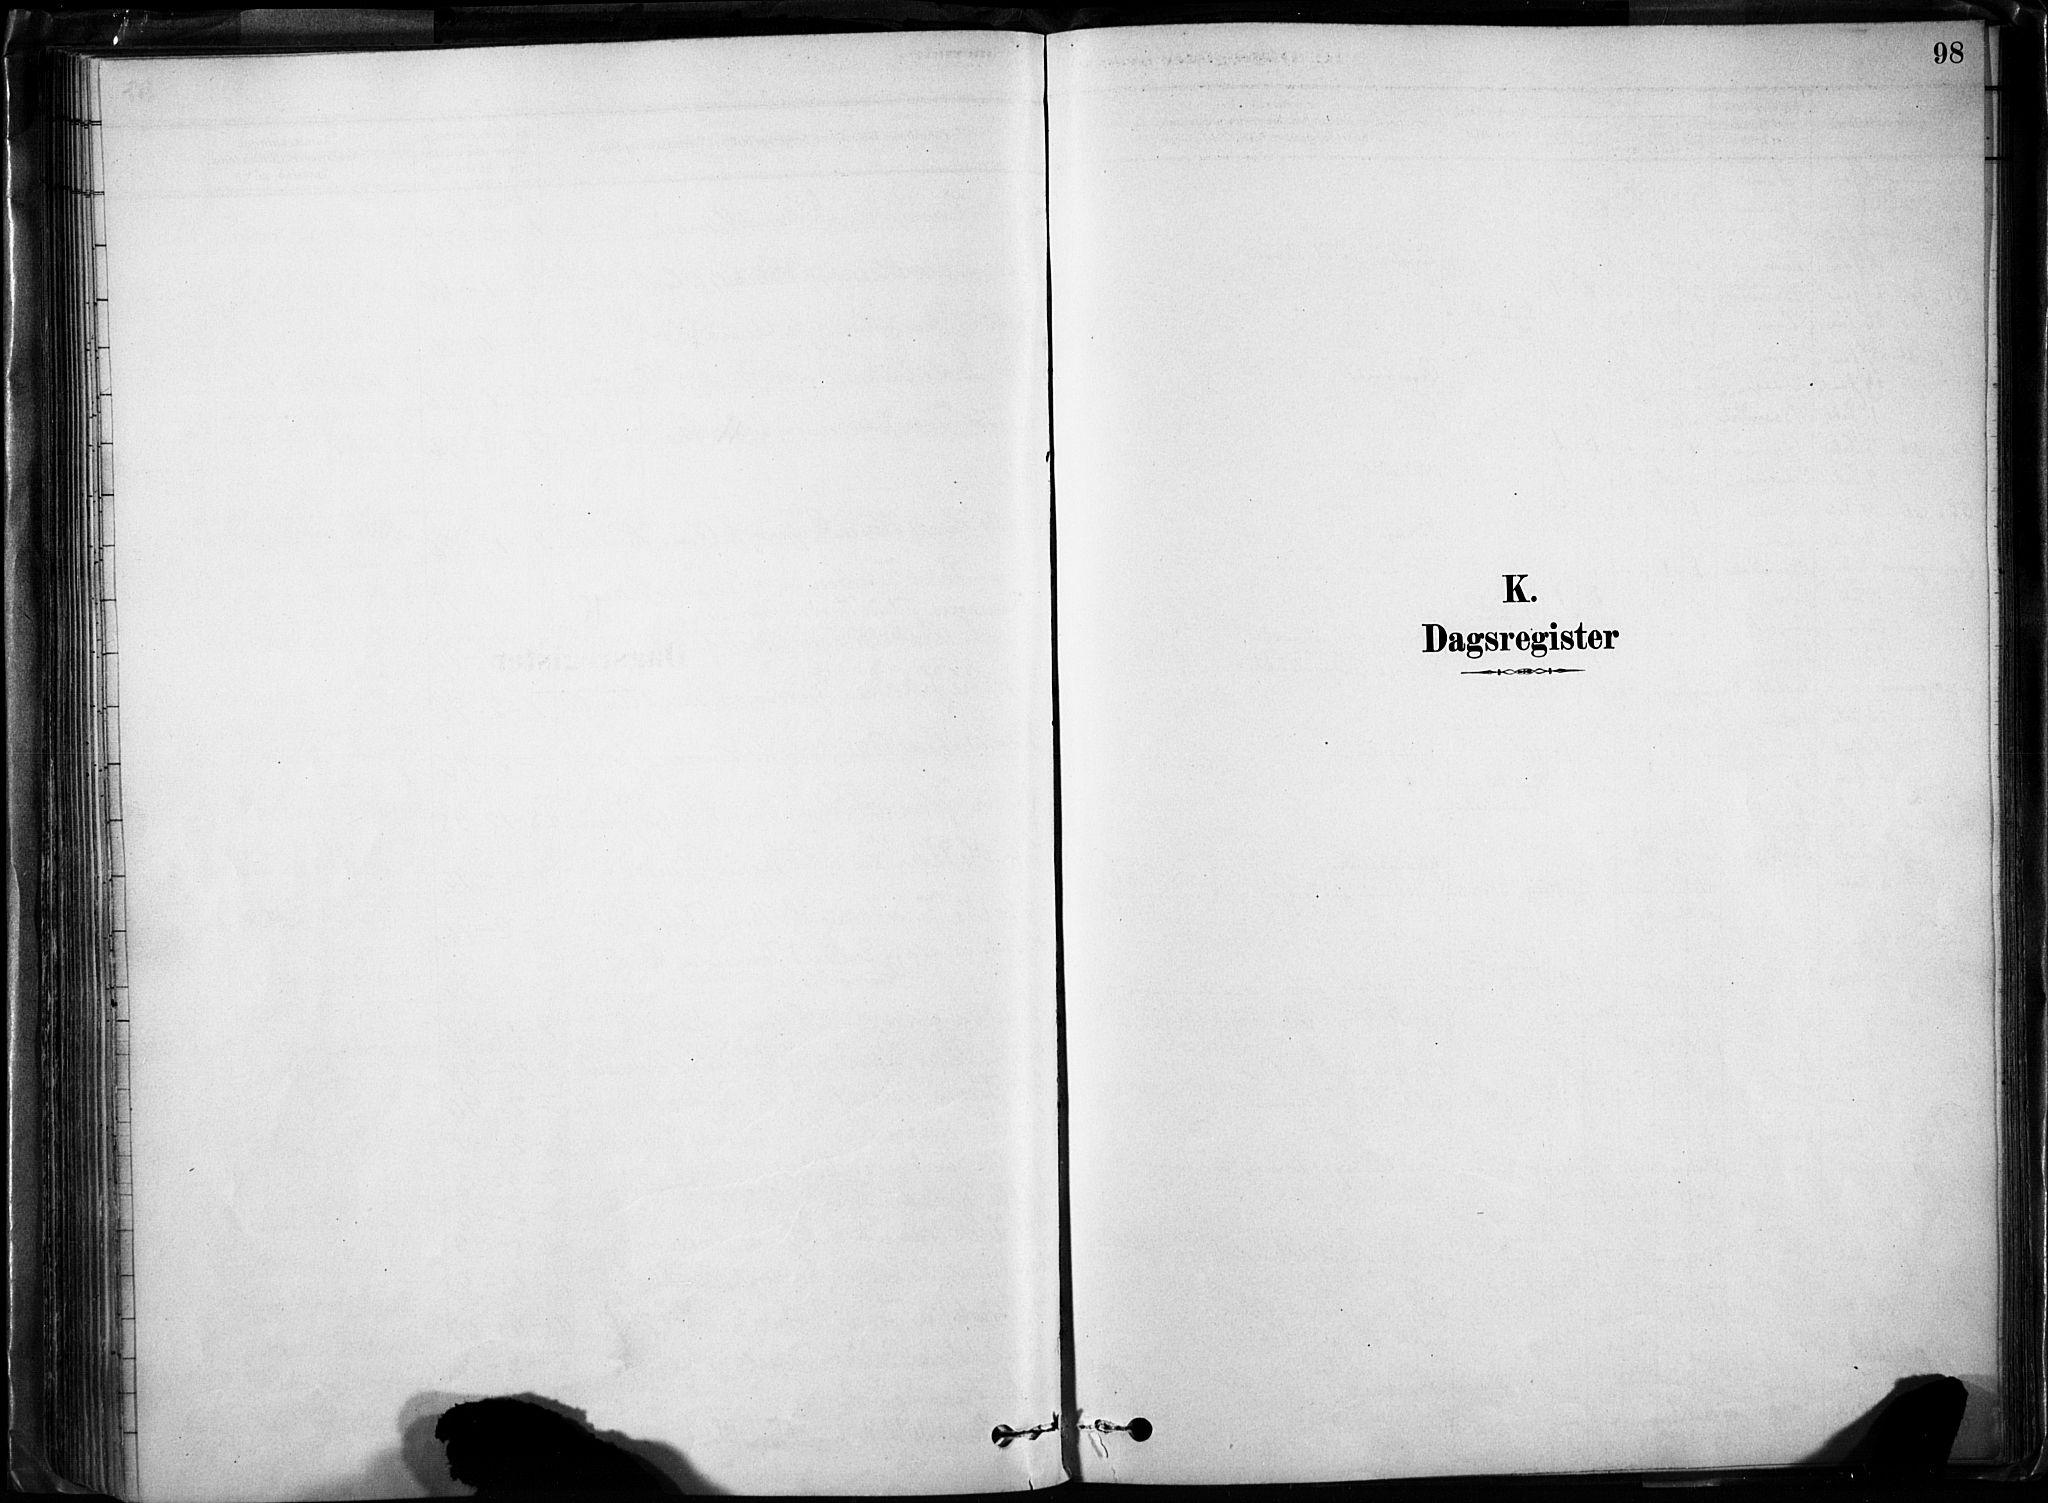 SAH, Lom prestekontor, K/L0009: Ministerialbok nr. 9, 1878-1907, s. 98